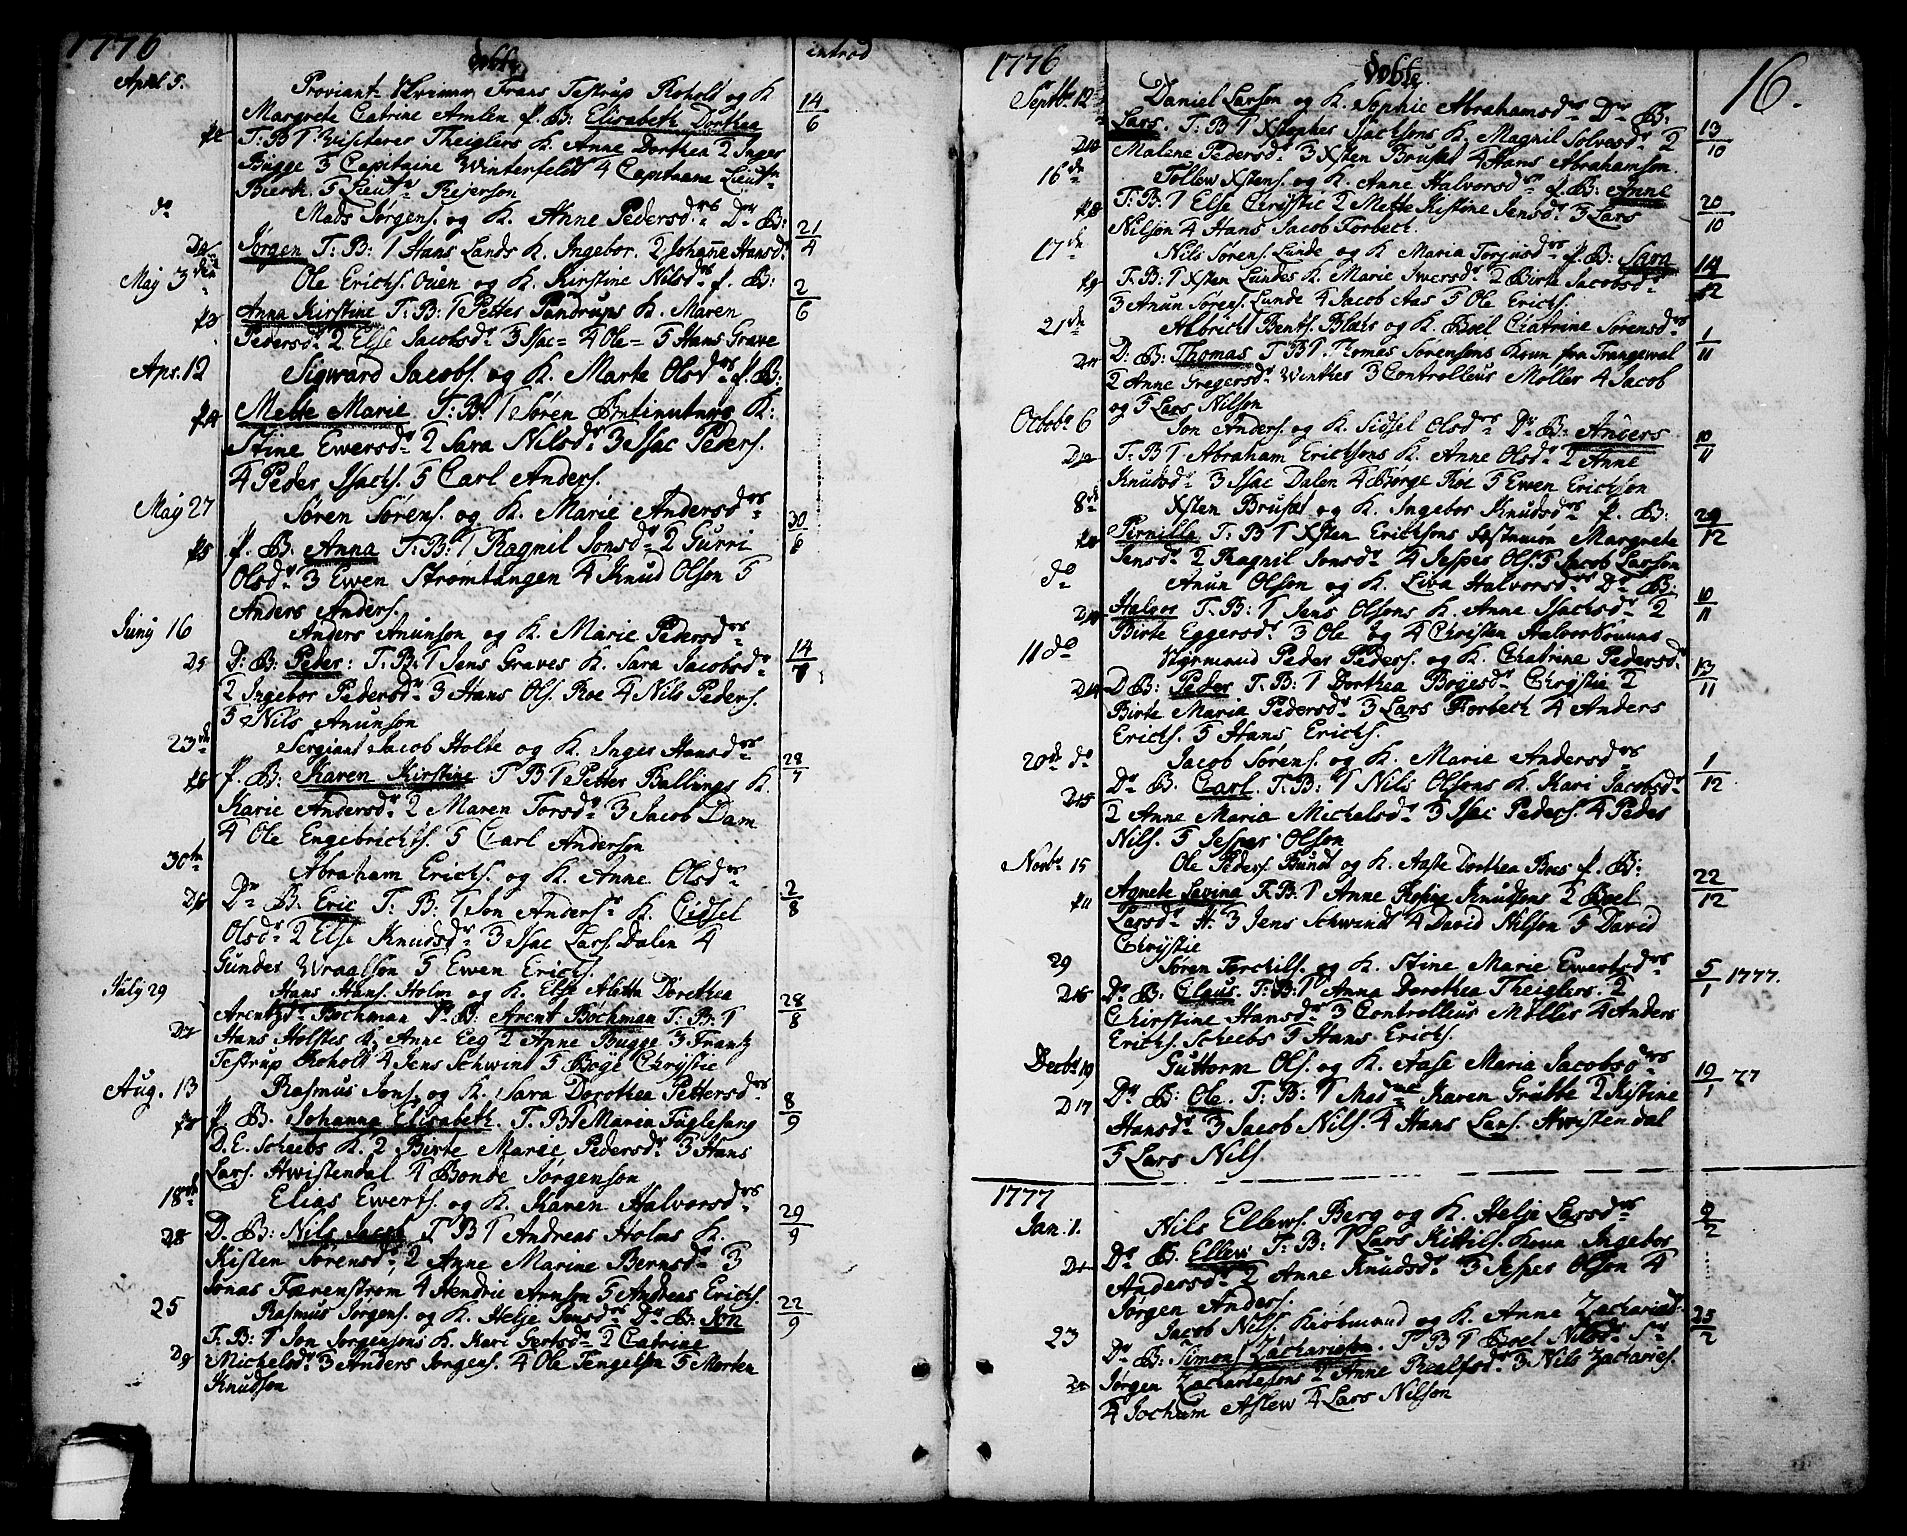 SAKO, Brevik kirkebøker, F/Fa/L0003: Ministerialbok nr. 3, 1764-1814, s. 16